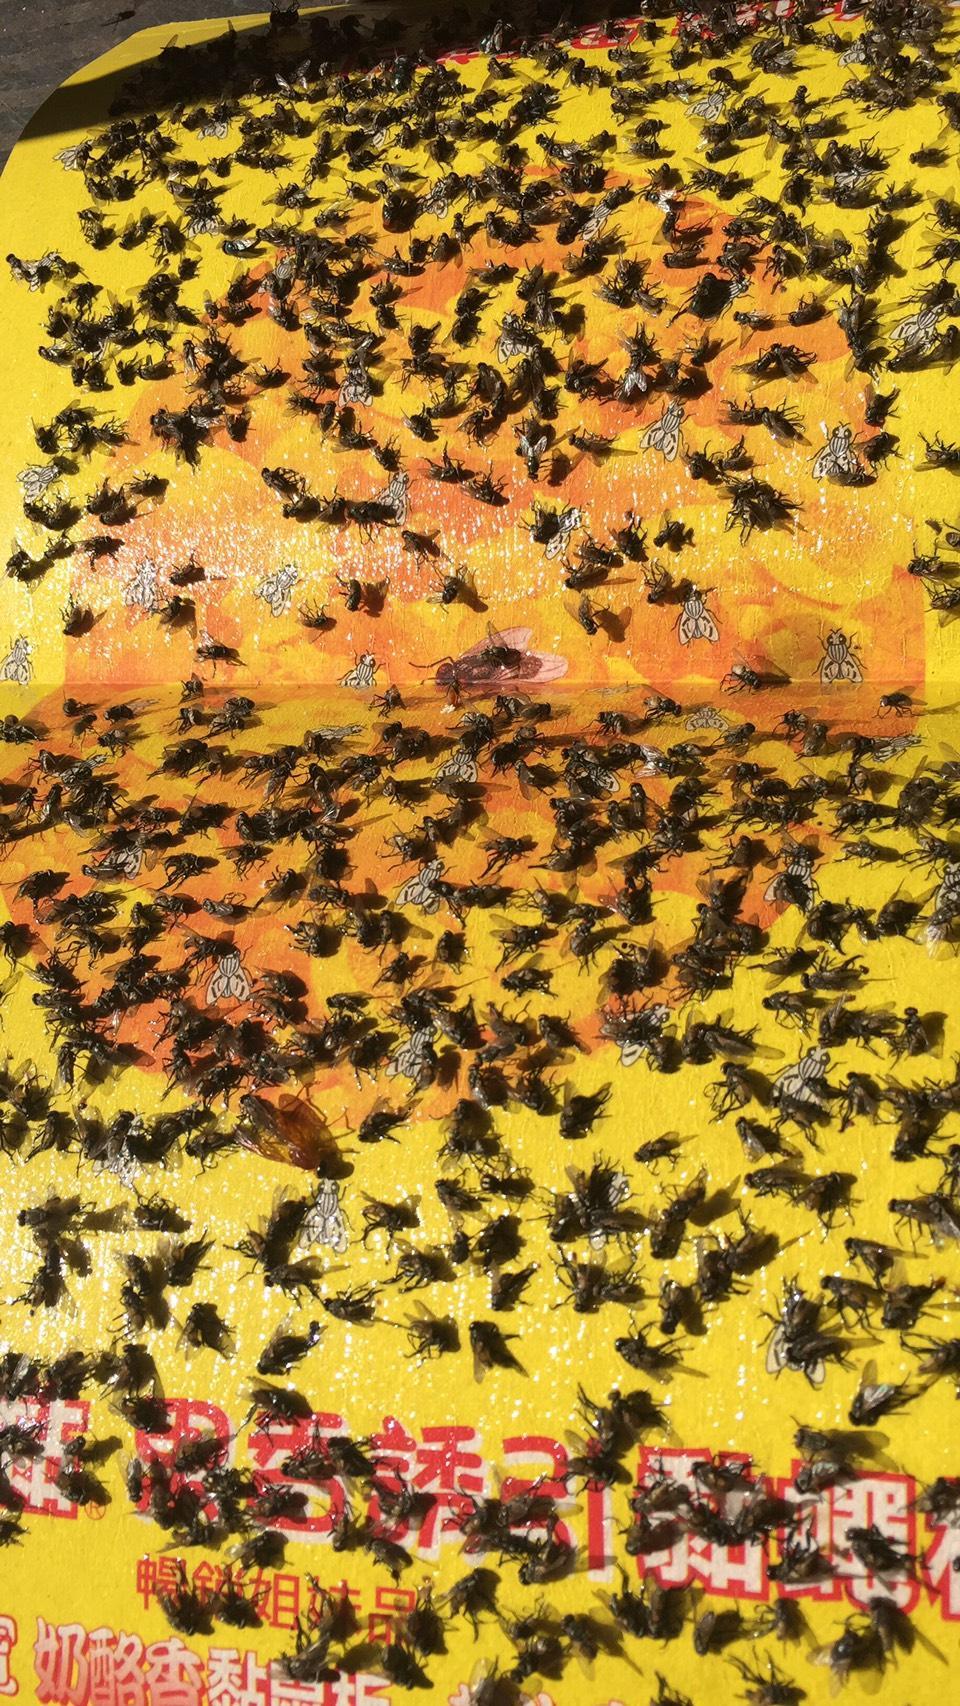 黏蠅板上布滿數萬隻蒼蠅,讓用餐客人避之唯恐不及。(民眾提供)